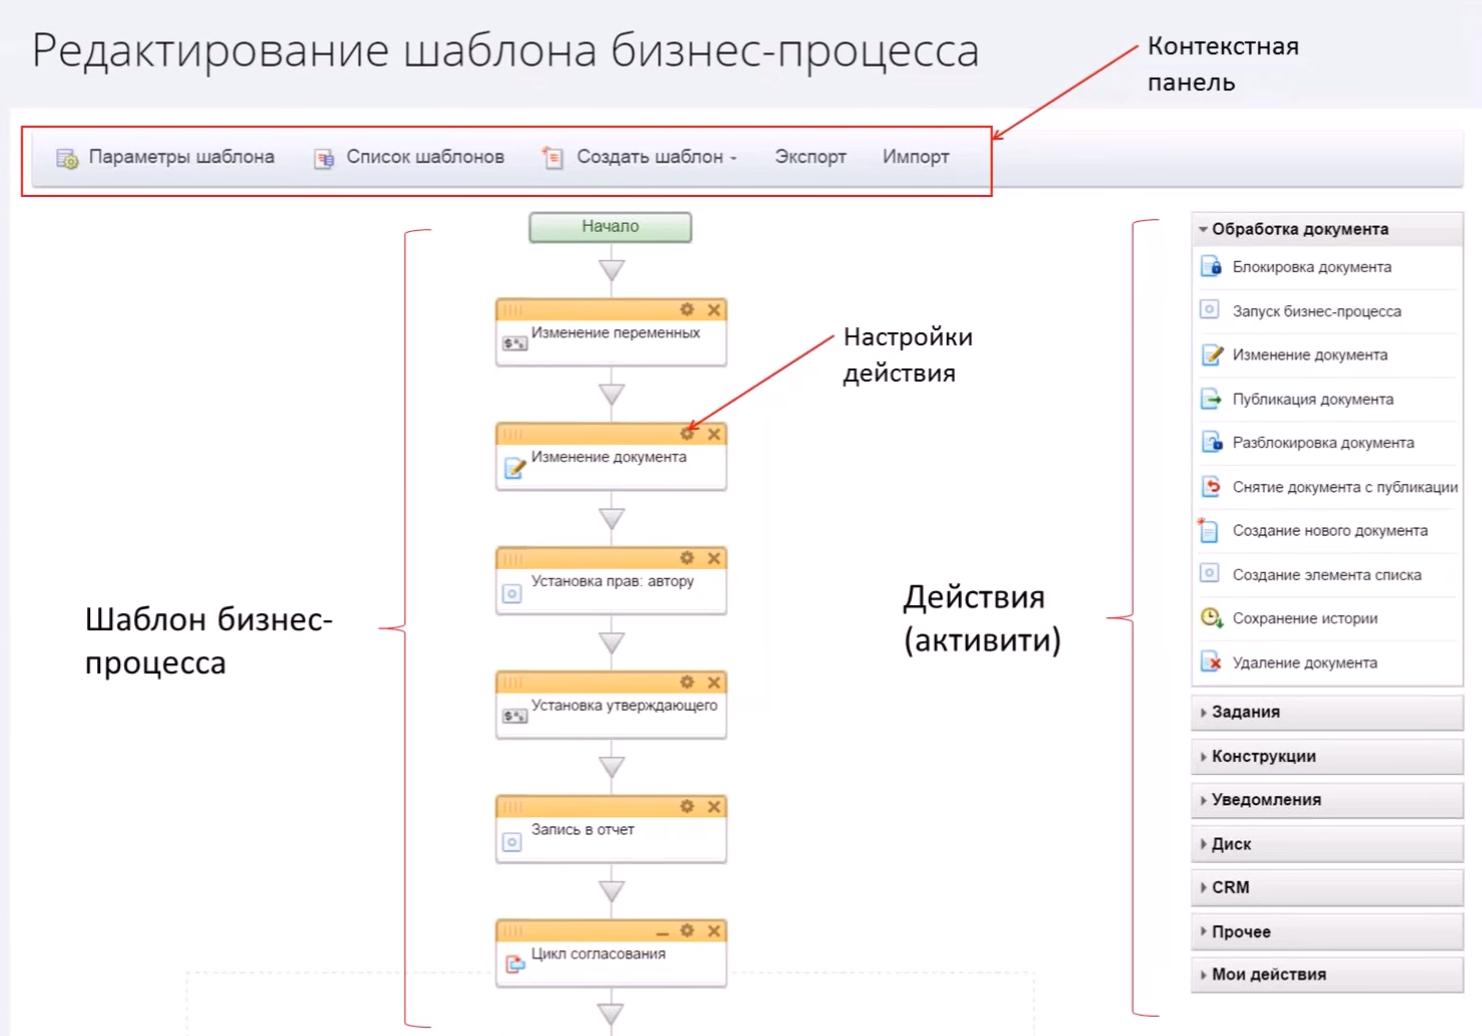 Редактирование шаблона бизнес-процесса в Битрикс24